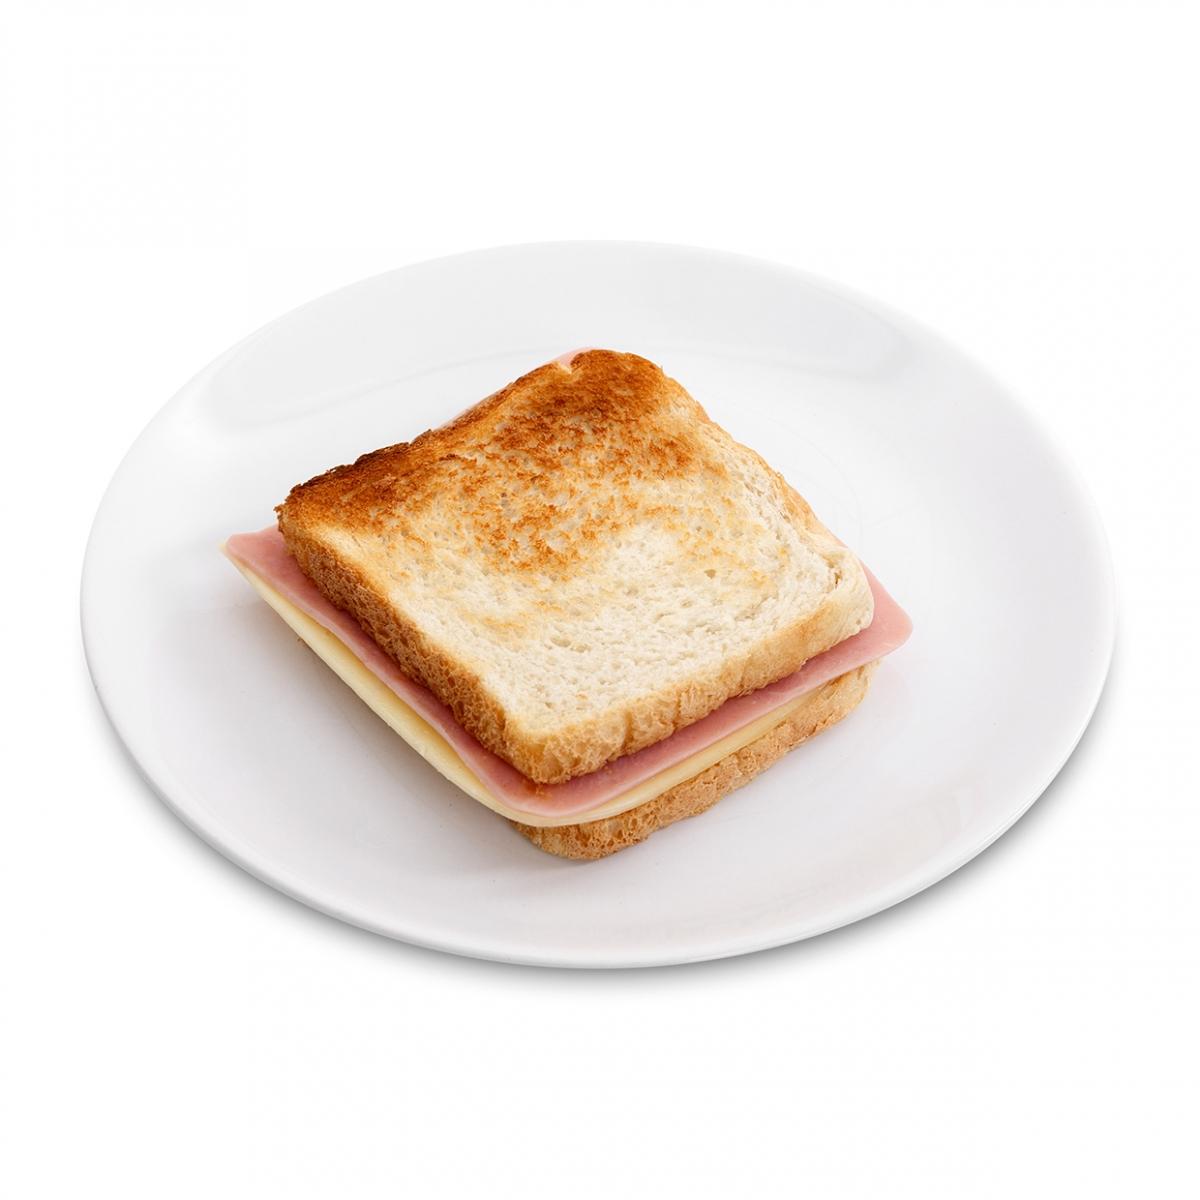 Imagen en la que se ve un sandwich